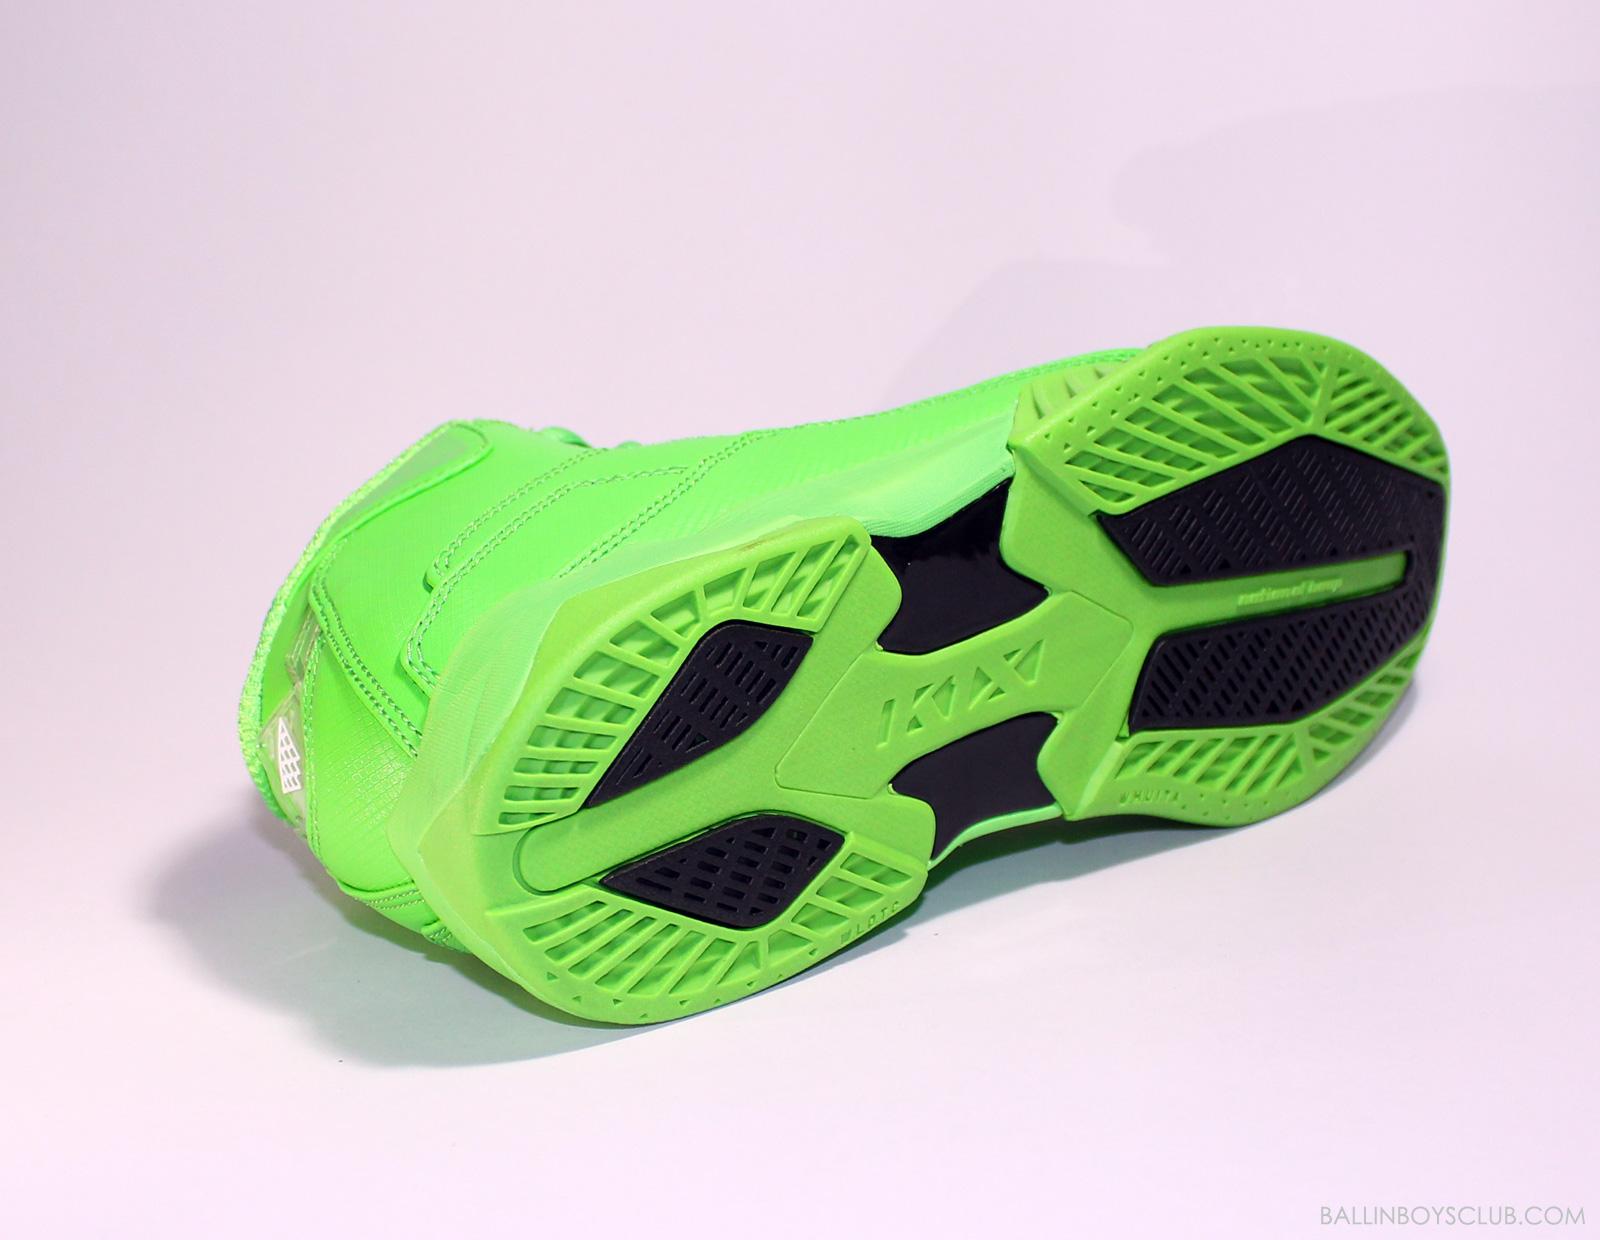 大面積接觸鞋底設計,抓地力佳